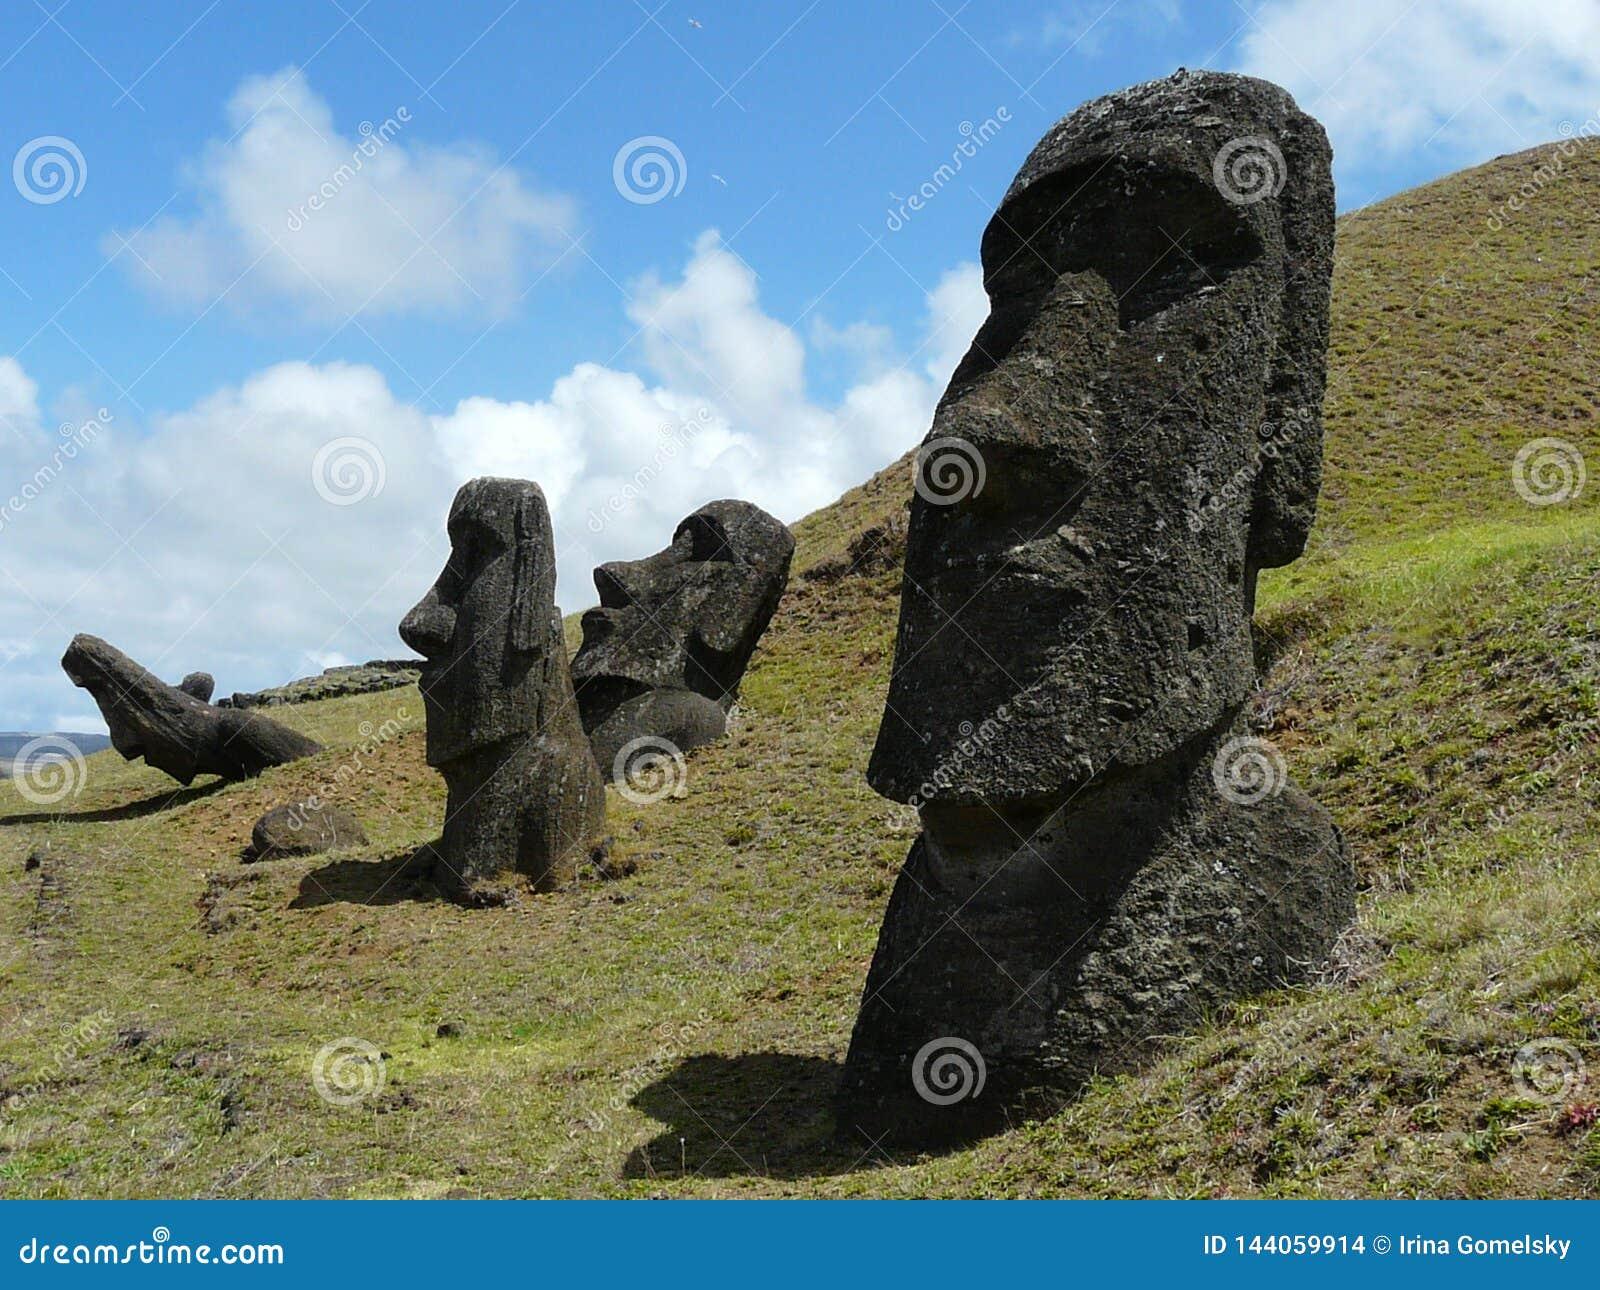 Mysterious statues of Moai, Rano-Raraku, Easter Island